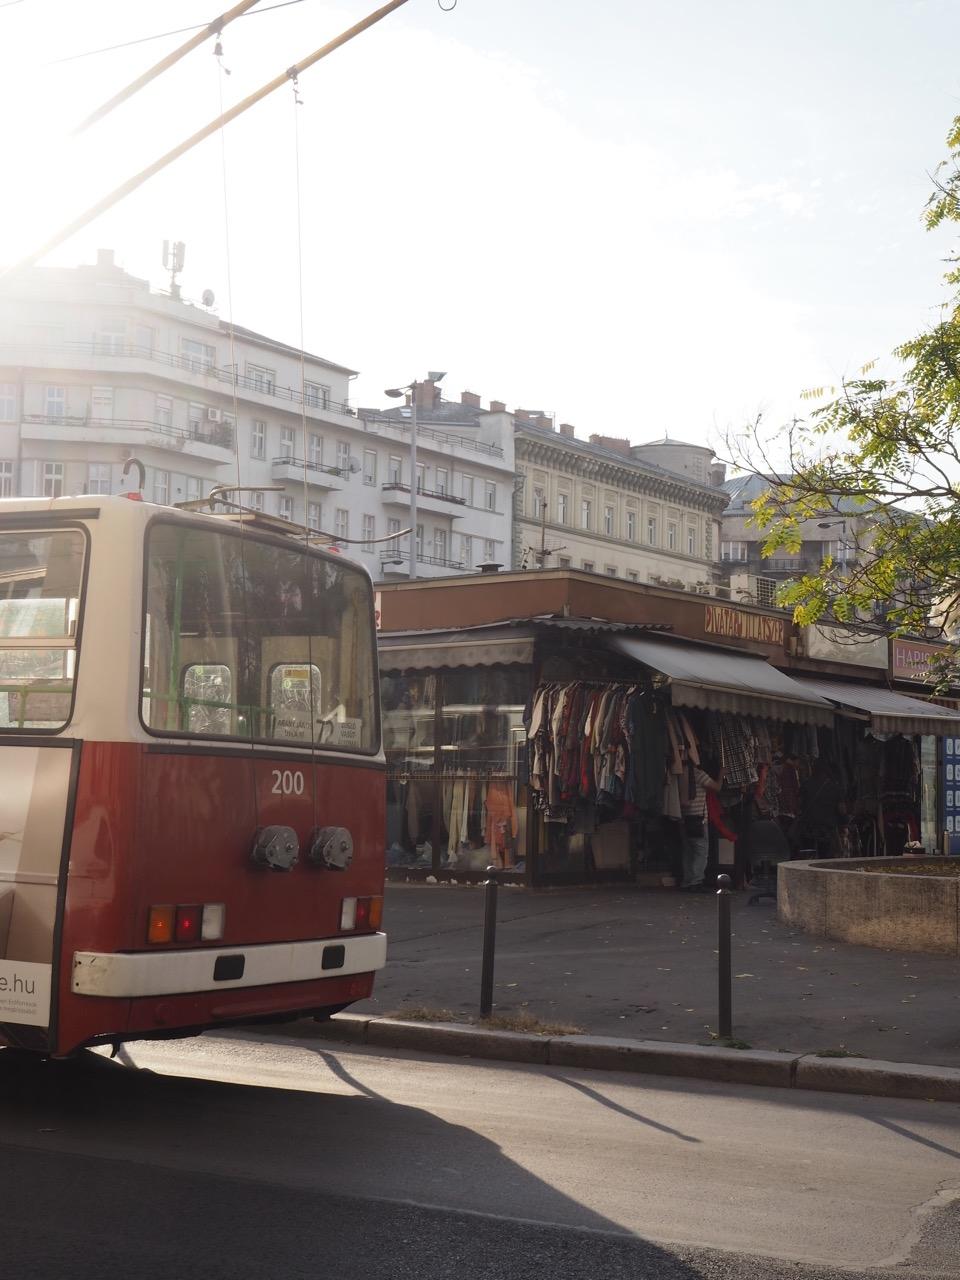 Bus_budapest